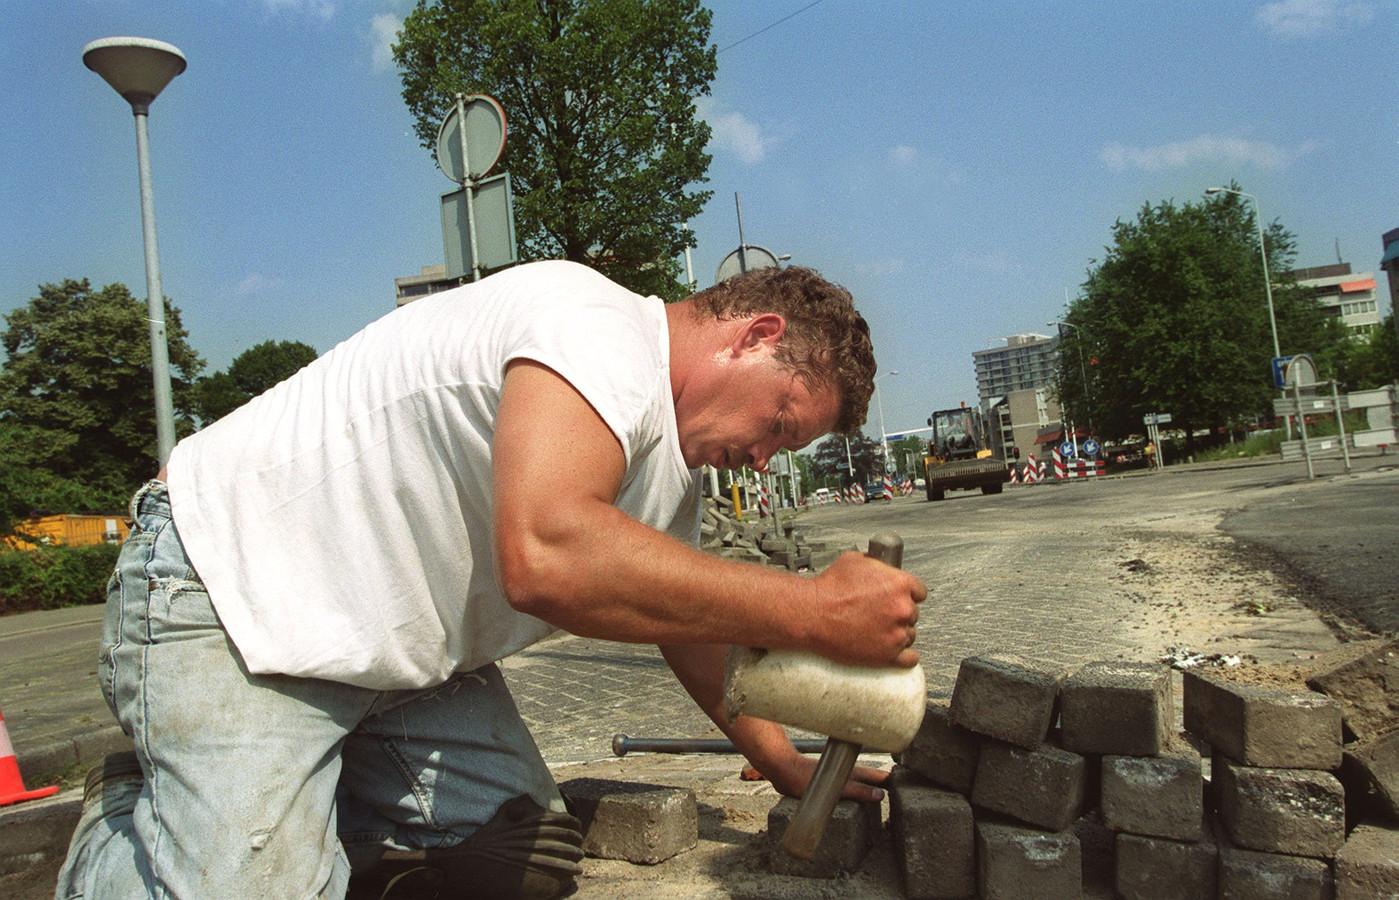 Eindhoven behoorde in de zomer tot de steden in ons land waar de temperaturen de hoogste waarden bereikten. Het werk ging door.